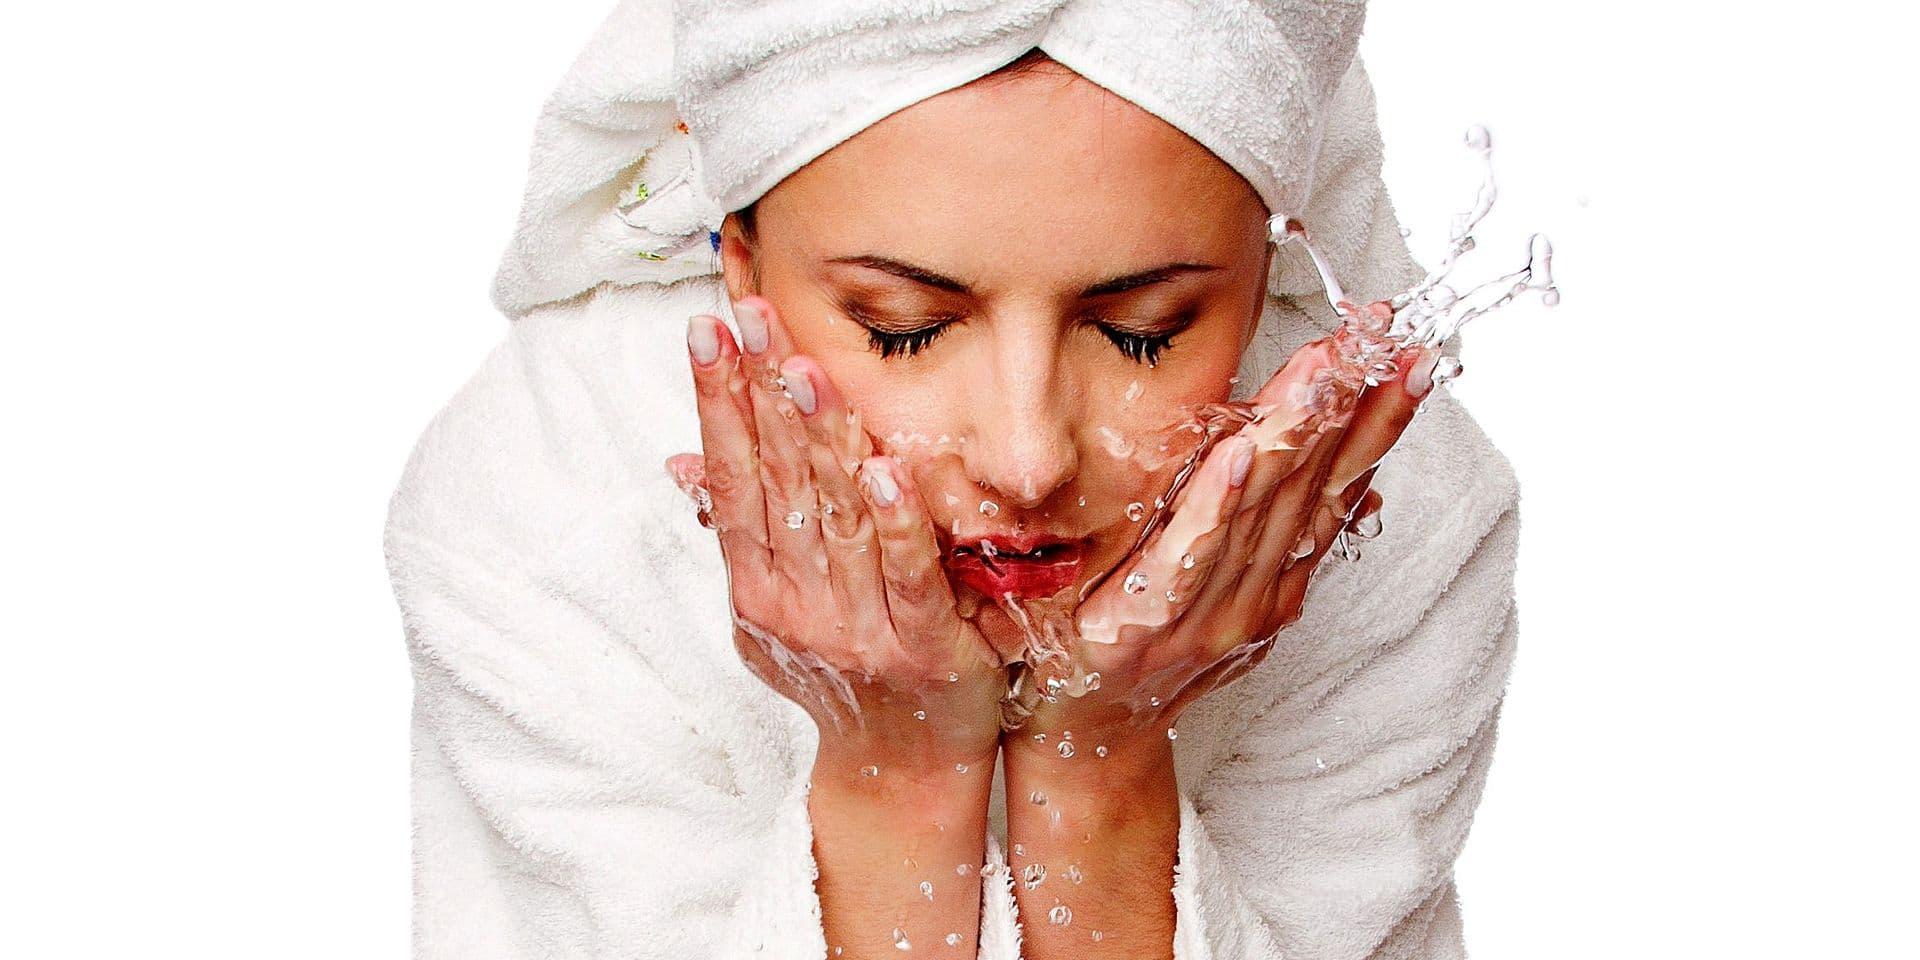 Hygiène corporelle: faut-il se laver tous les jours à grandes eaux?